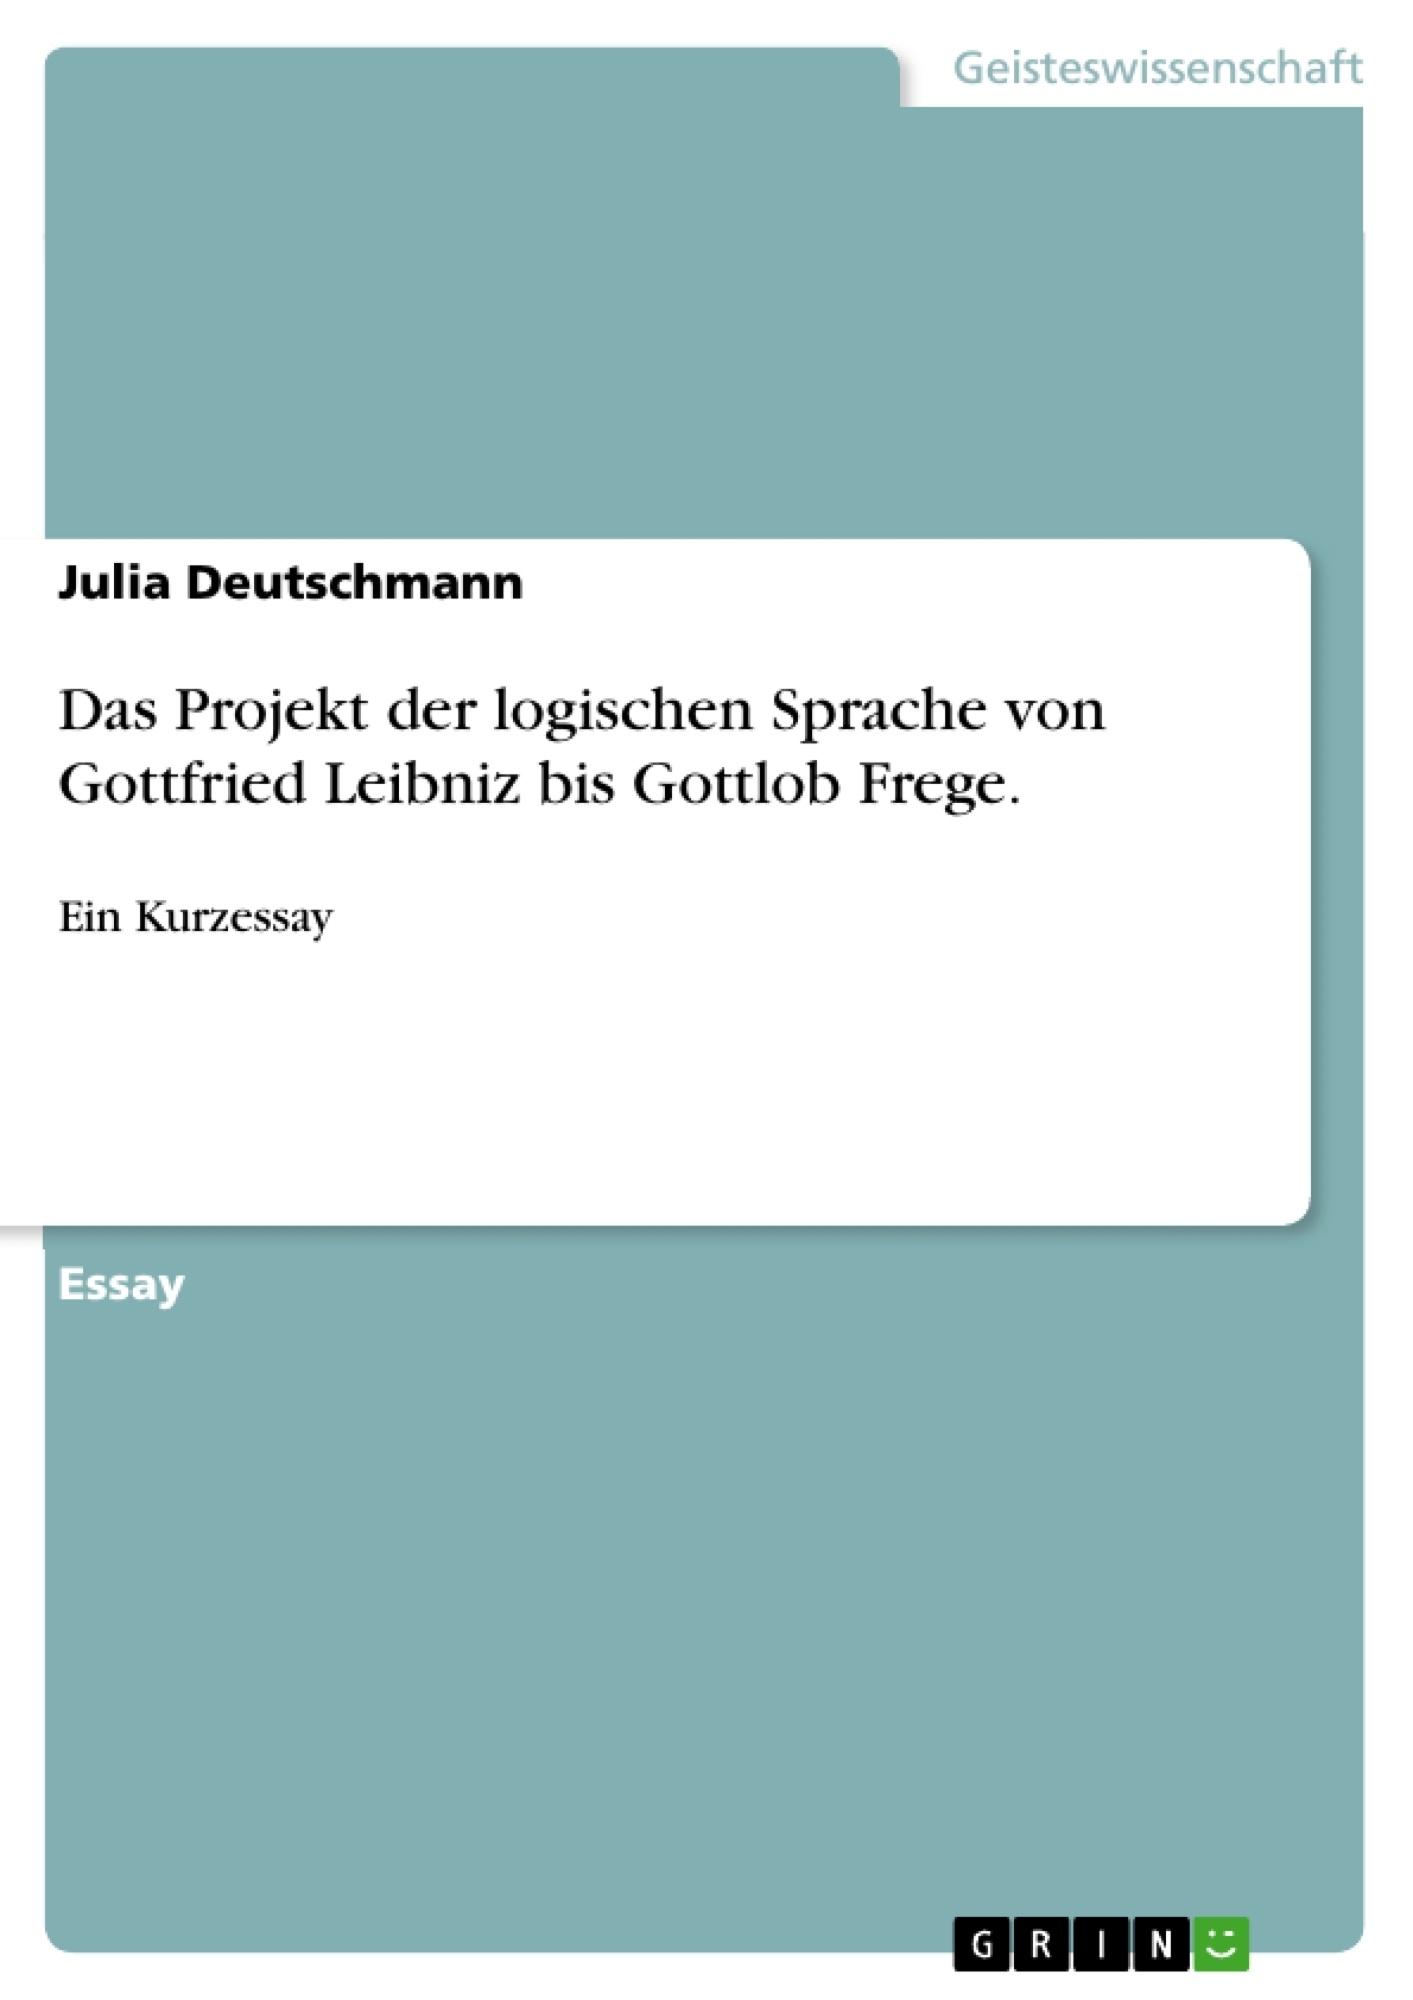 Titel: Das Projekt der logischen Sprache von Gottfried Leibniz bis Gottlob Frege.